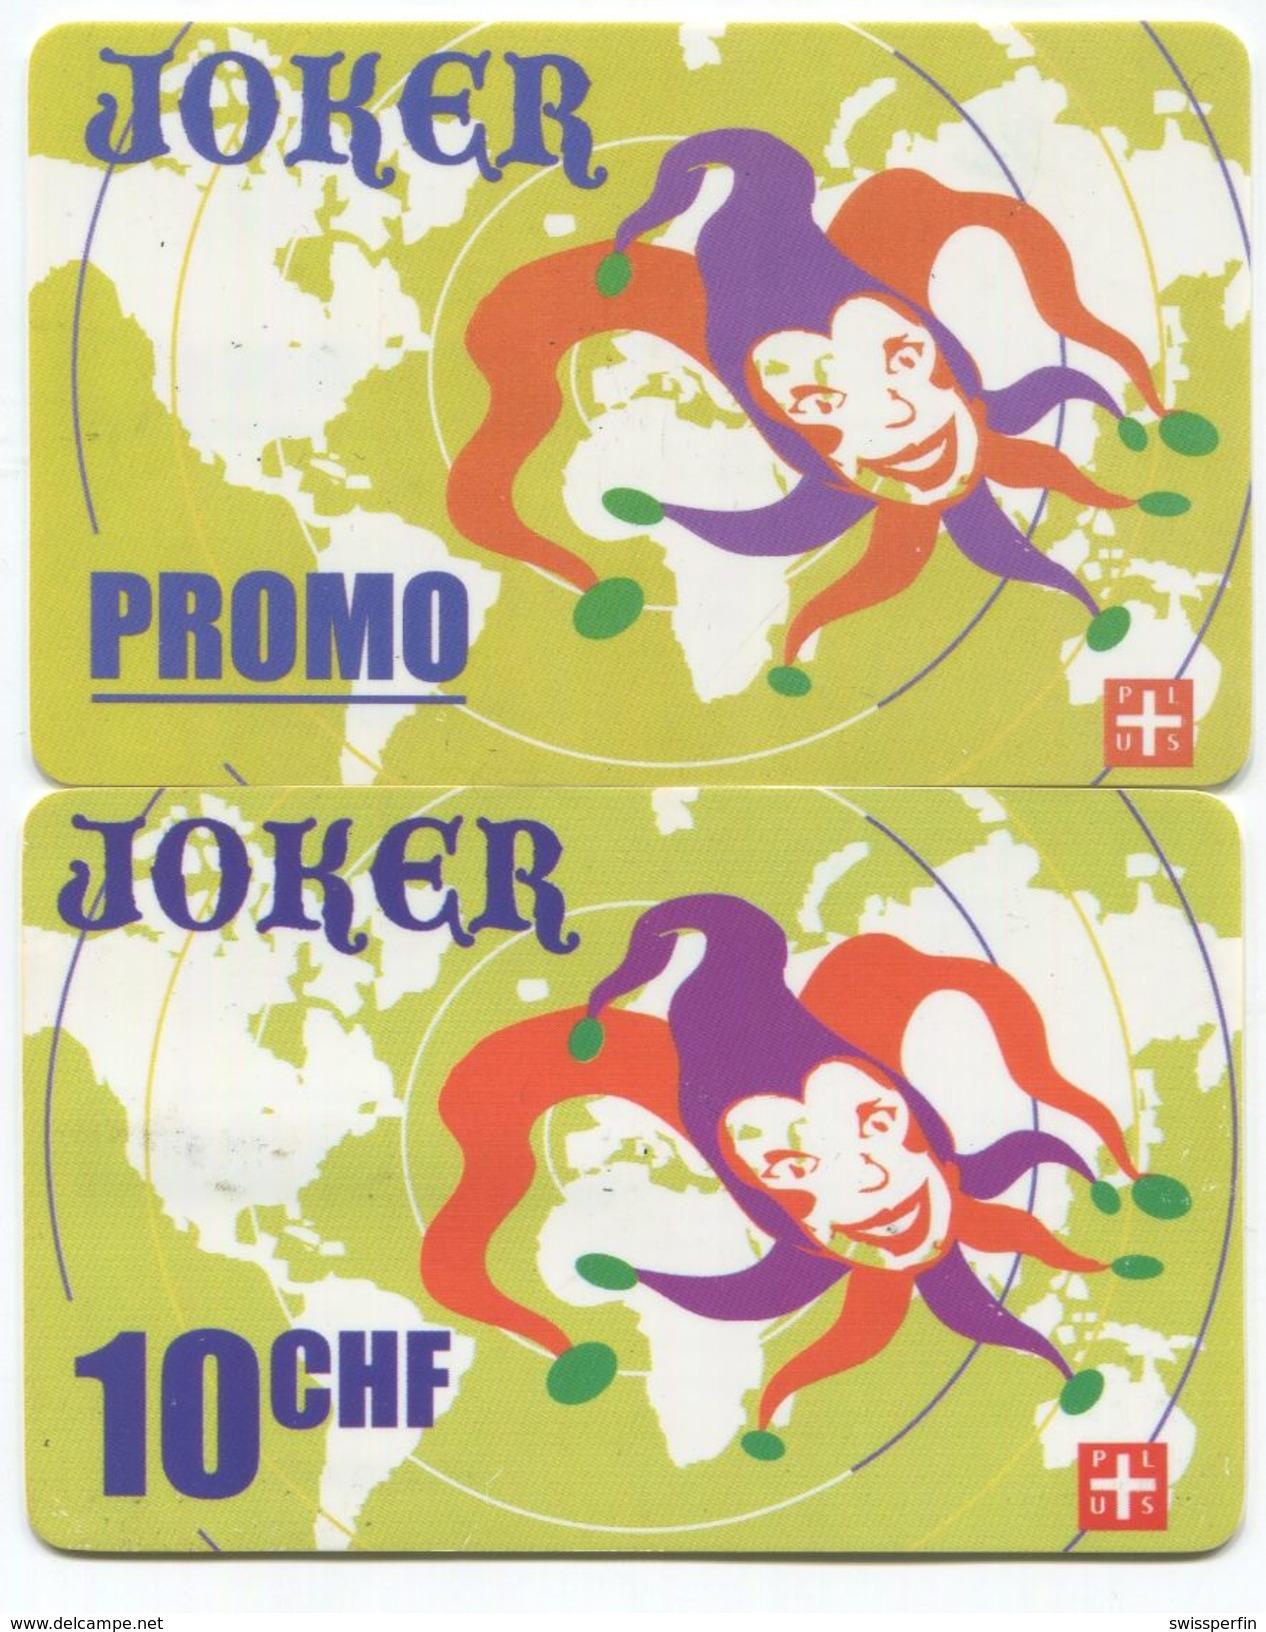 1692 - JOKER Promo Und 10 CHF Prepaid Telefonkarten - Suisse